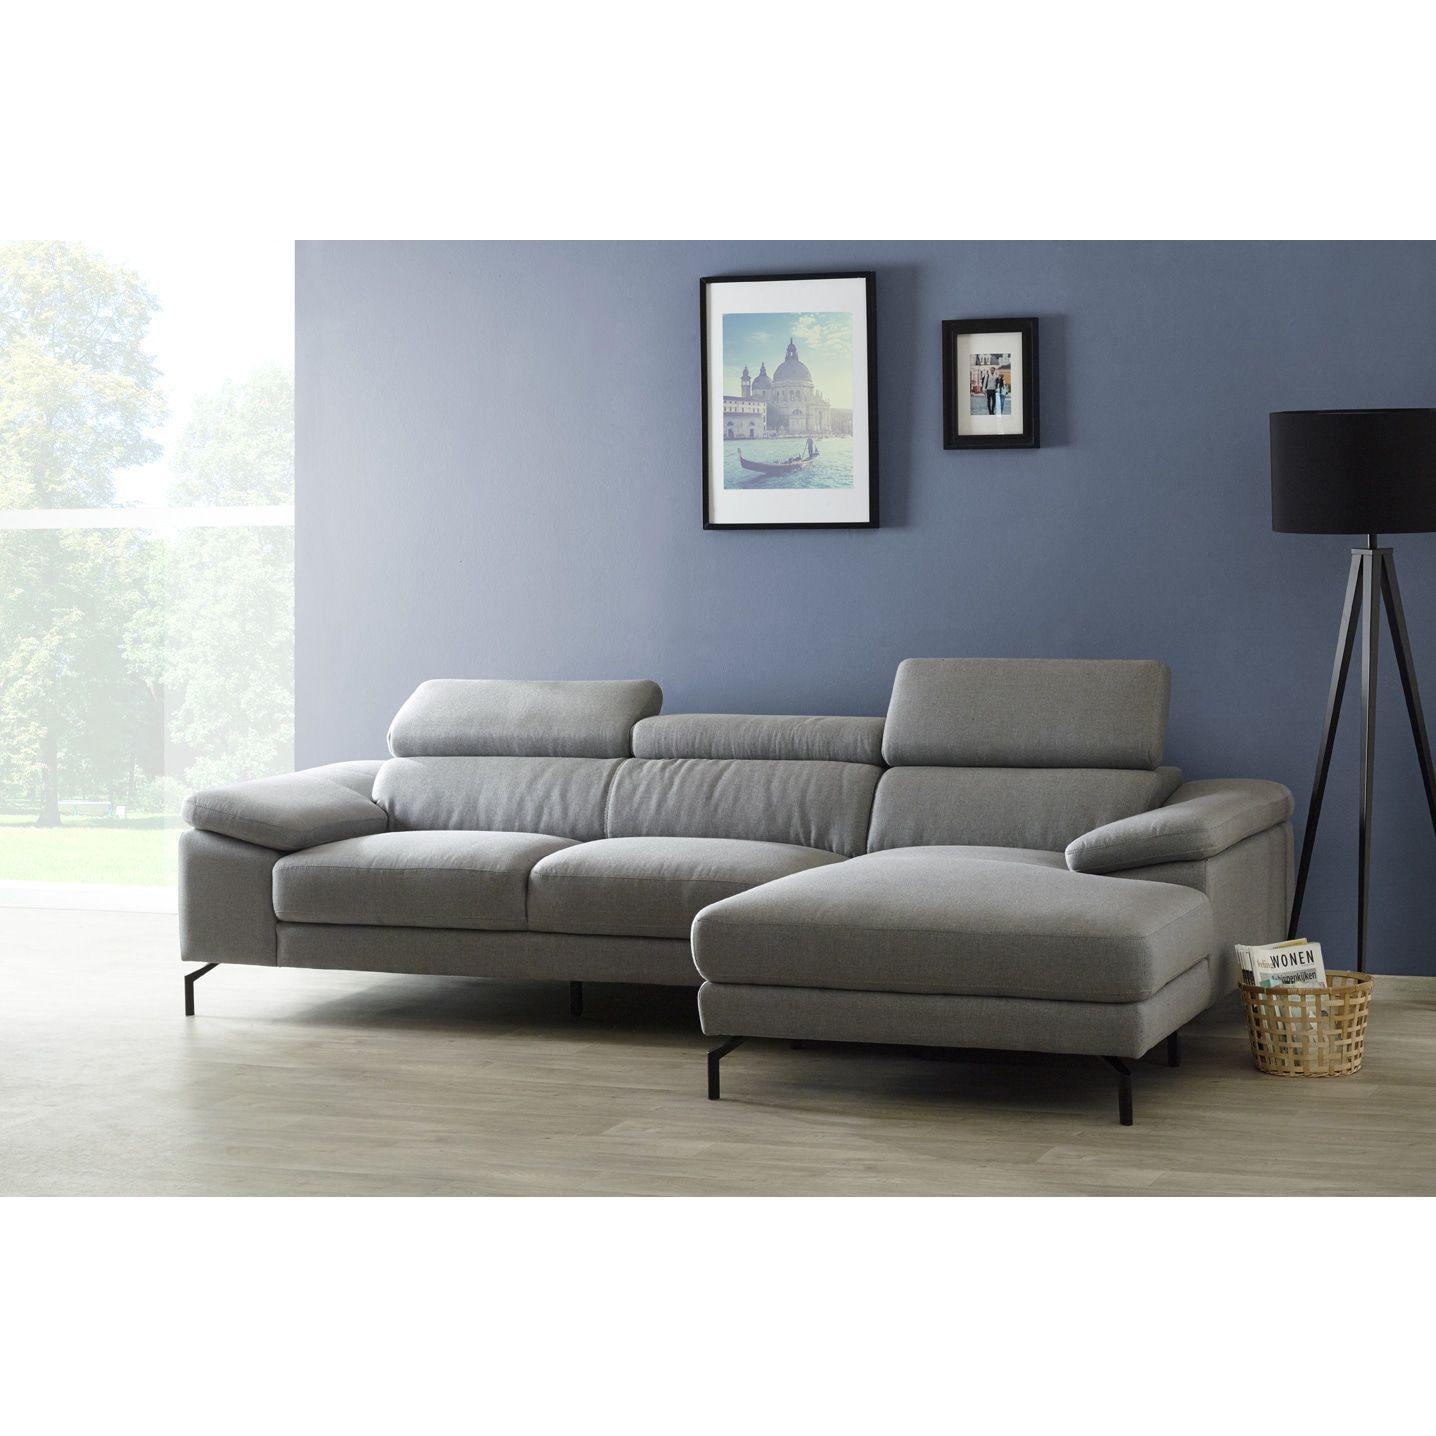 Salon Canapé d angle réversible design en tissu coloris